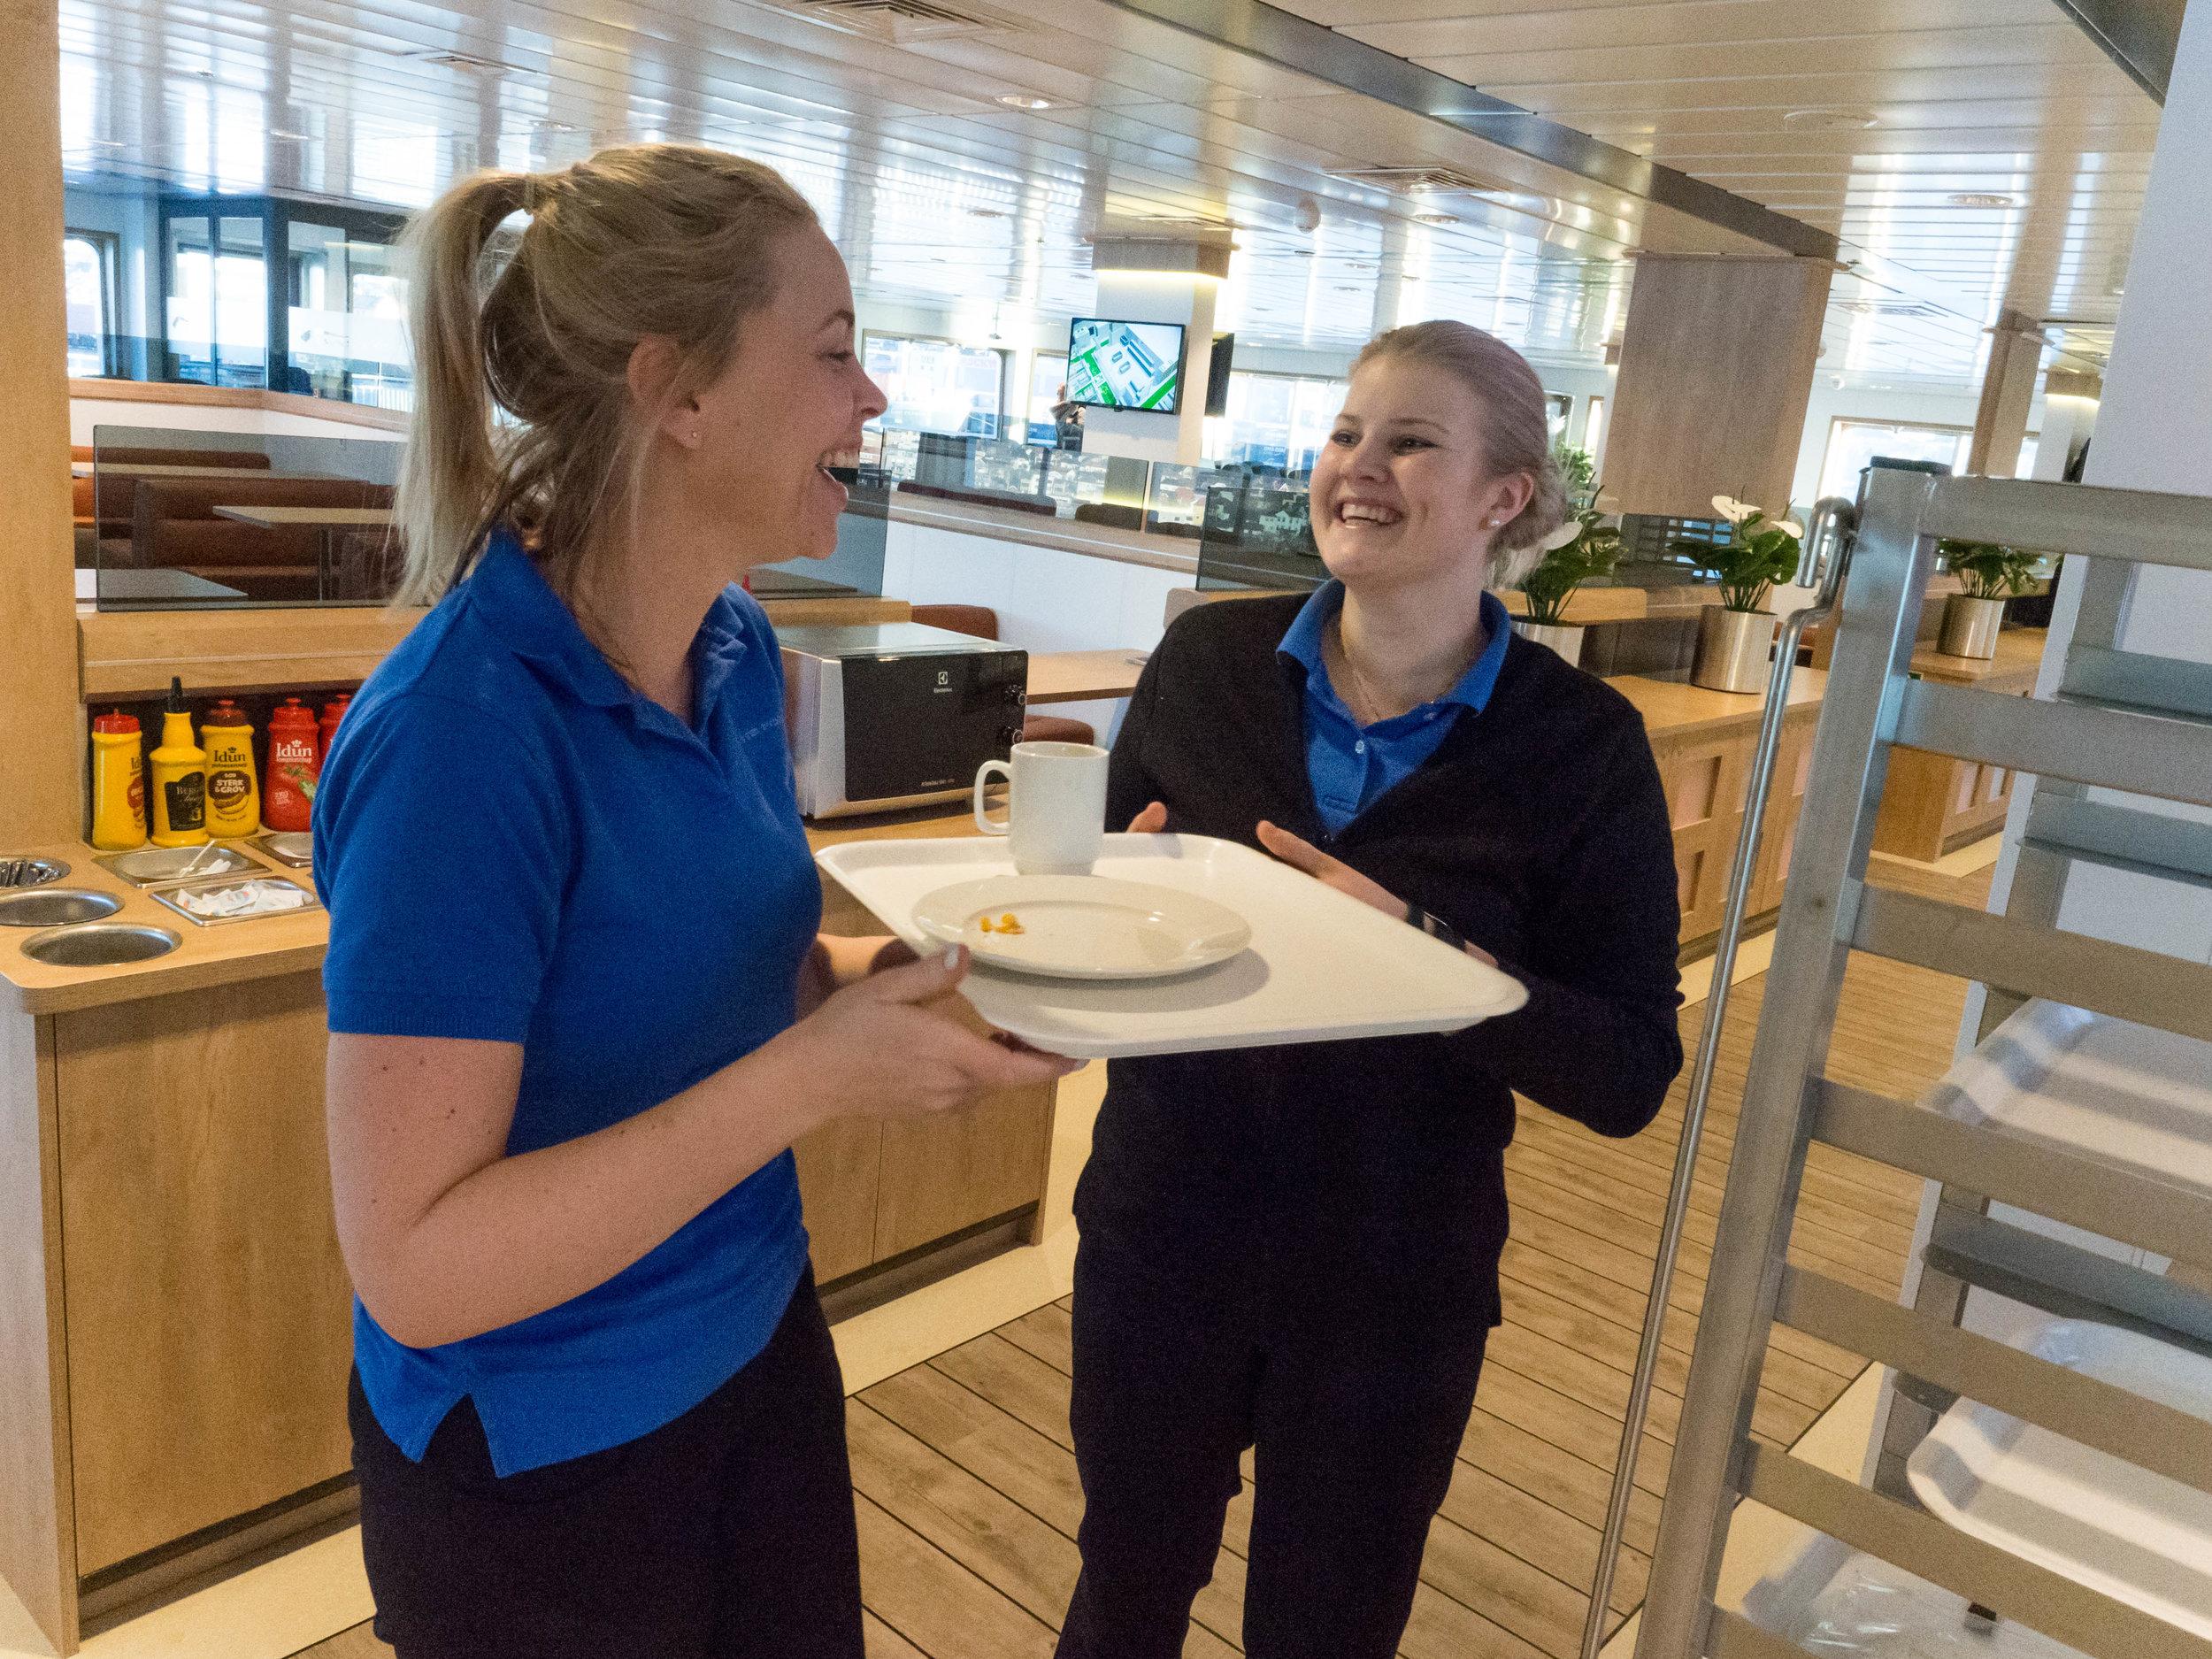 STILLE: Kristin Torstensen fra Moss (til venstre) og Carina Michelle Kvamme Eldstad fra Sande har sin andre arbeidsdag om bord. – Vi må lete etter det meste, så det passer bra at det er rolige dager, istemmer kollegaene.